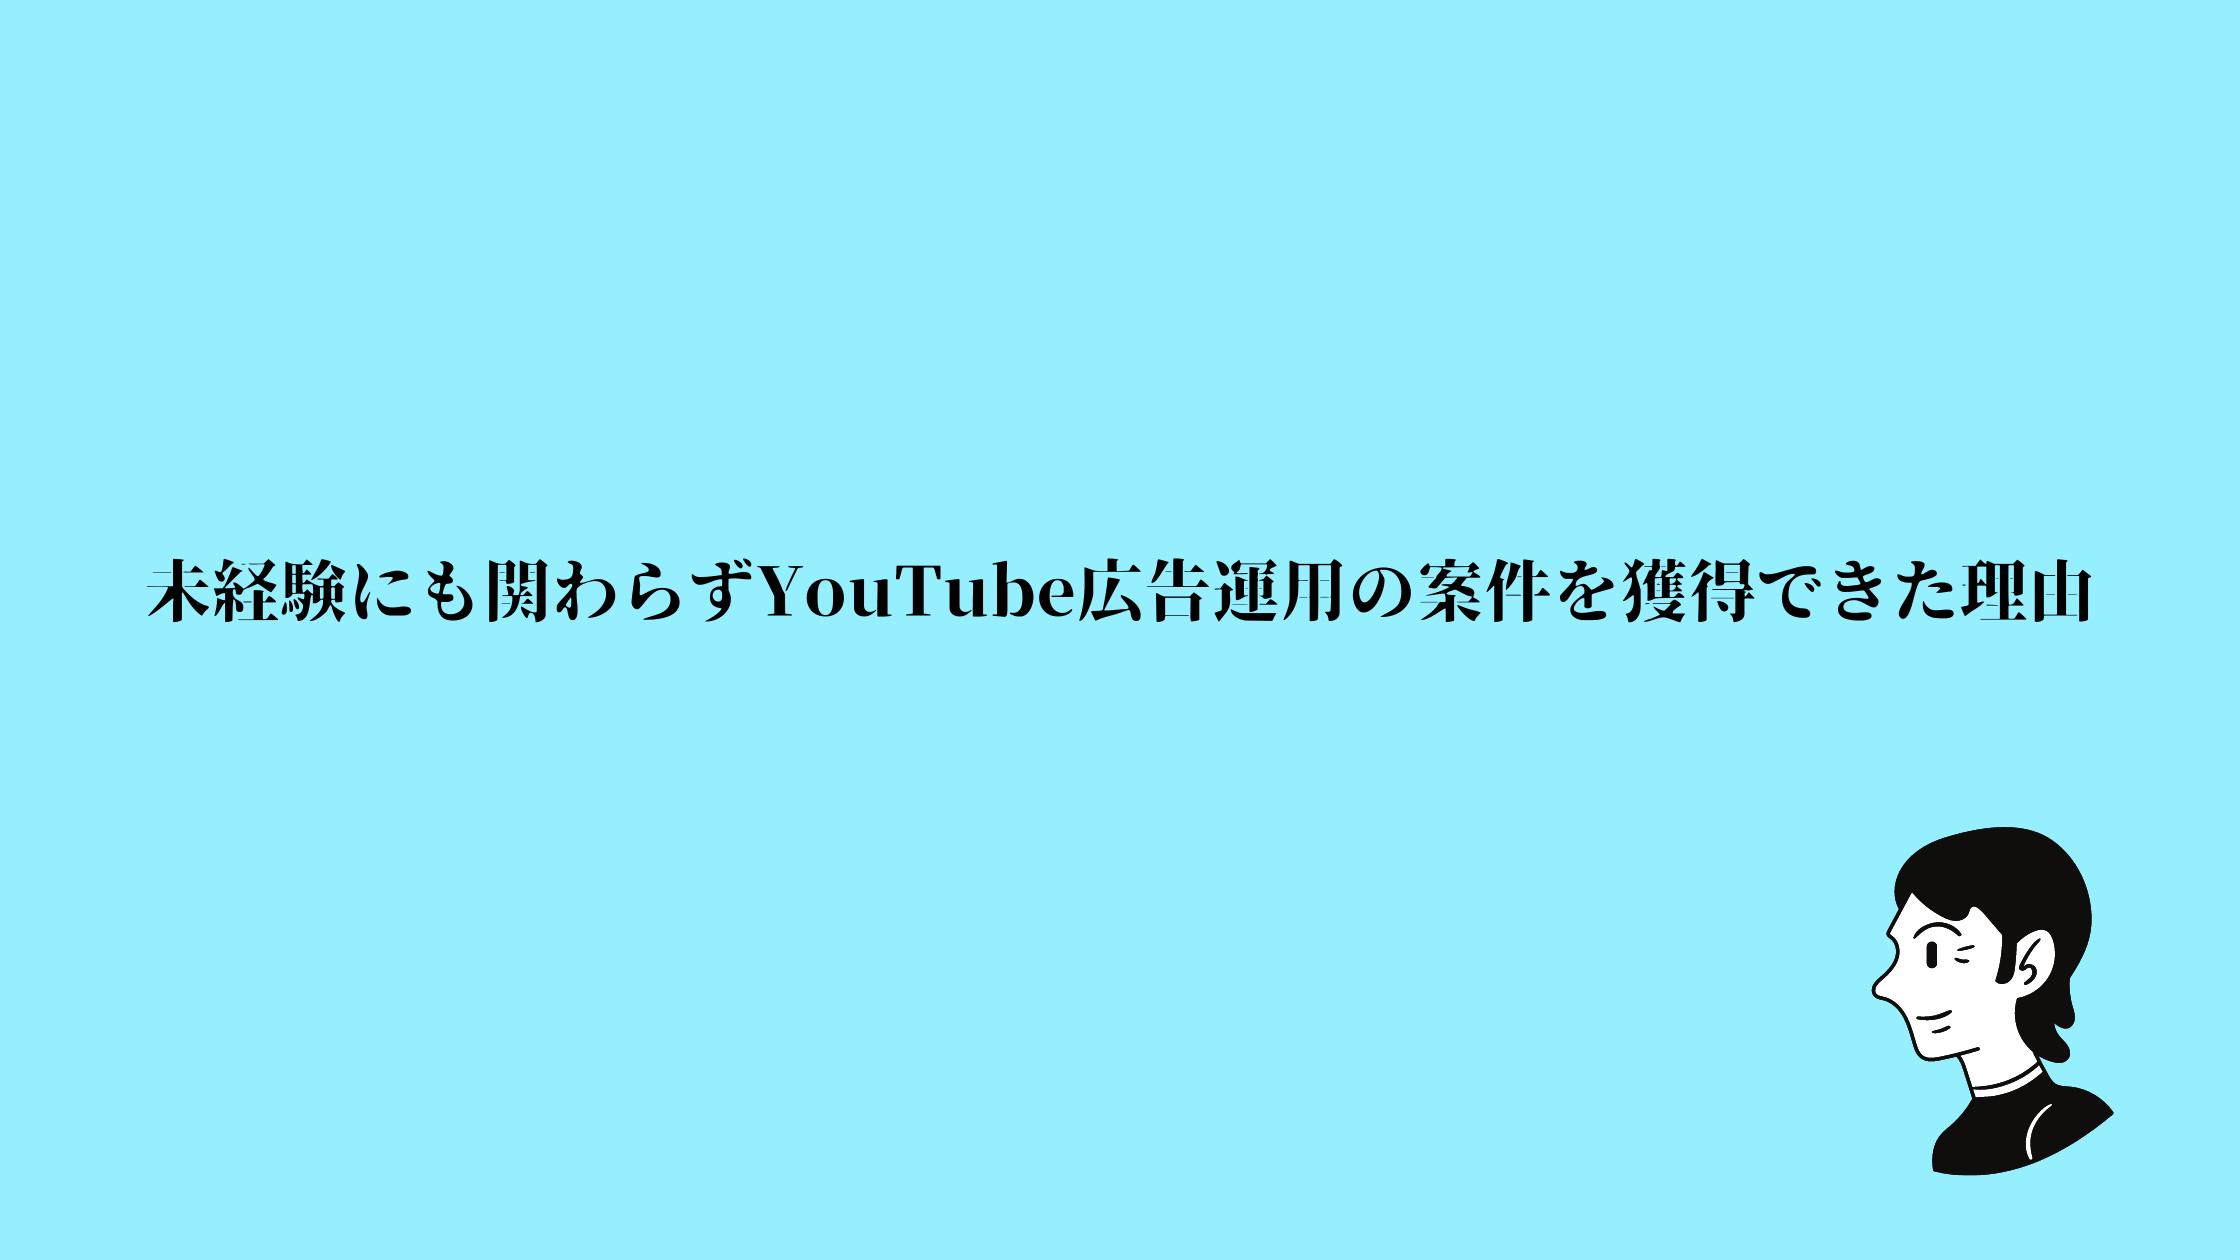 未経験にも関わらずYouTube広告運用の案件を獲得できた理由